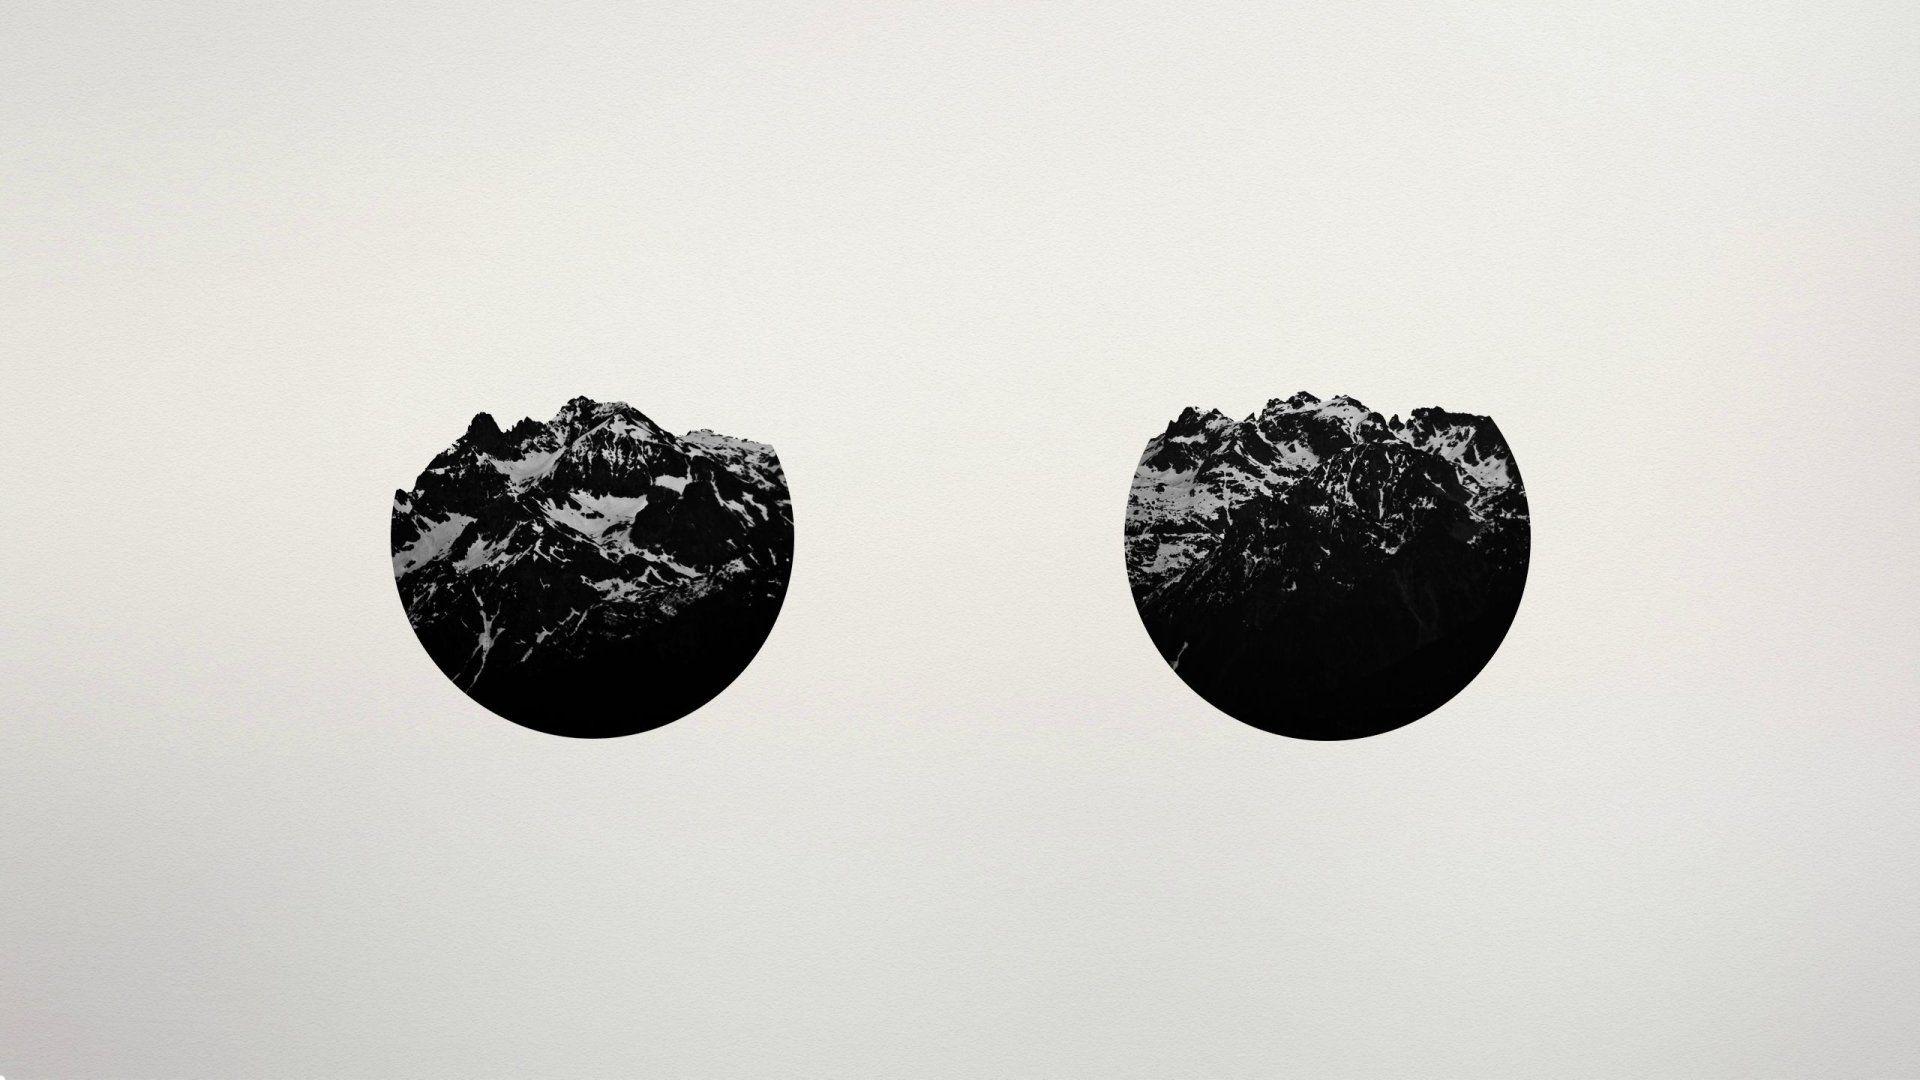 White Minimalism wallpaper download